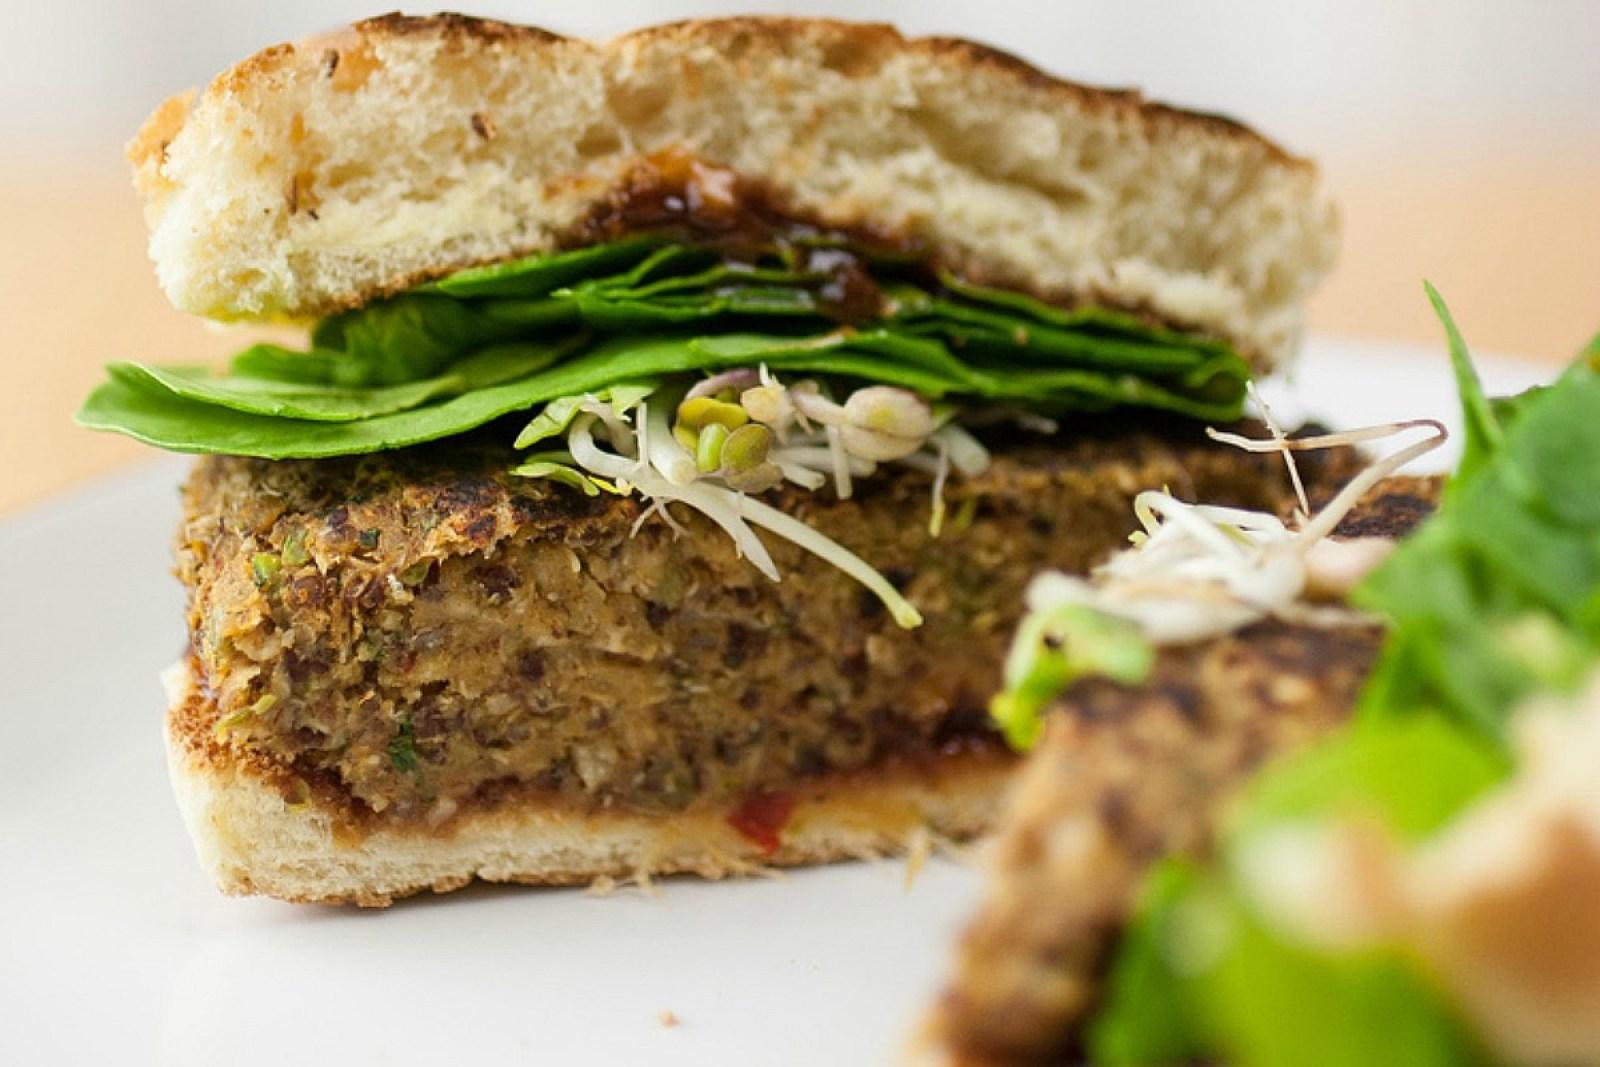 Thai Quinoa Burgers [Vegan, Gluten-Free]